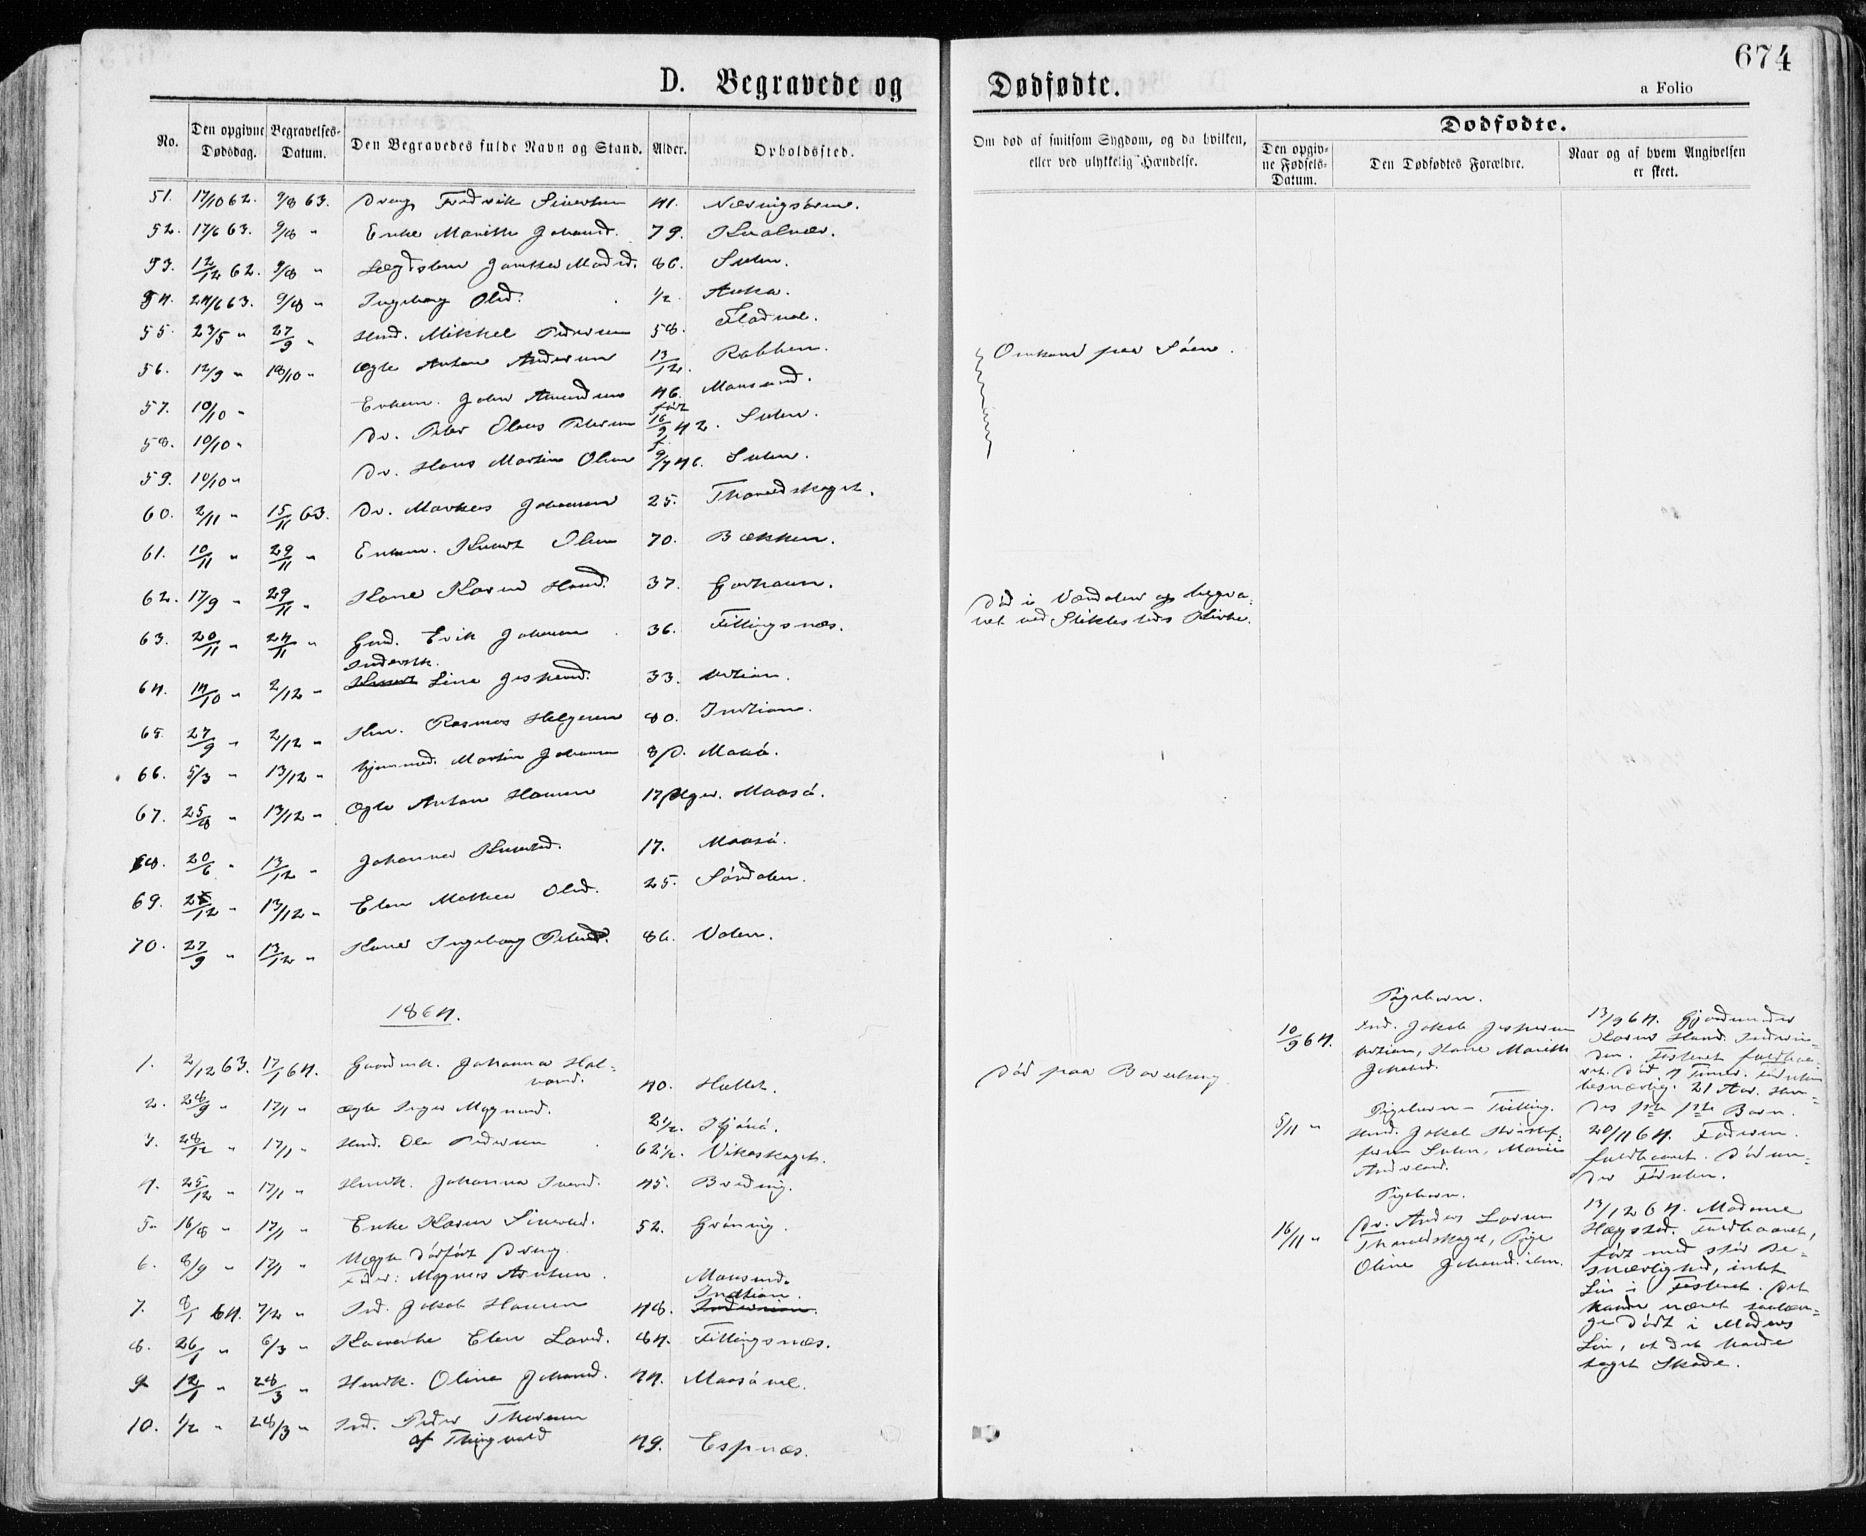 SAT, Ministerialprotokoller, klokkerbøker og fødselsregistre - Sør-Trøndelag, 640/L0576: Ministerialbok nr. 640A01, 1846-1876, s. 674